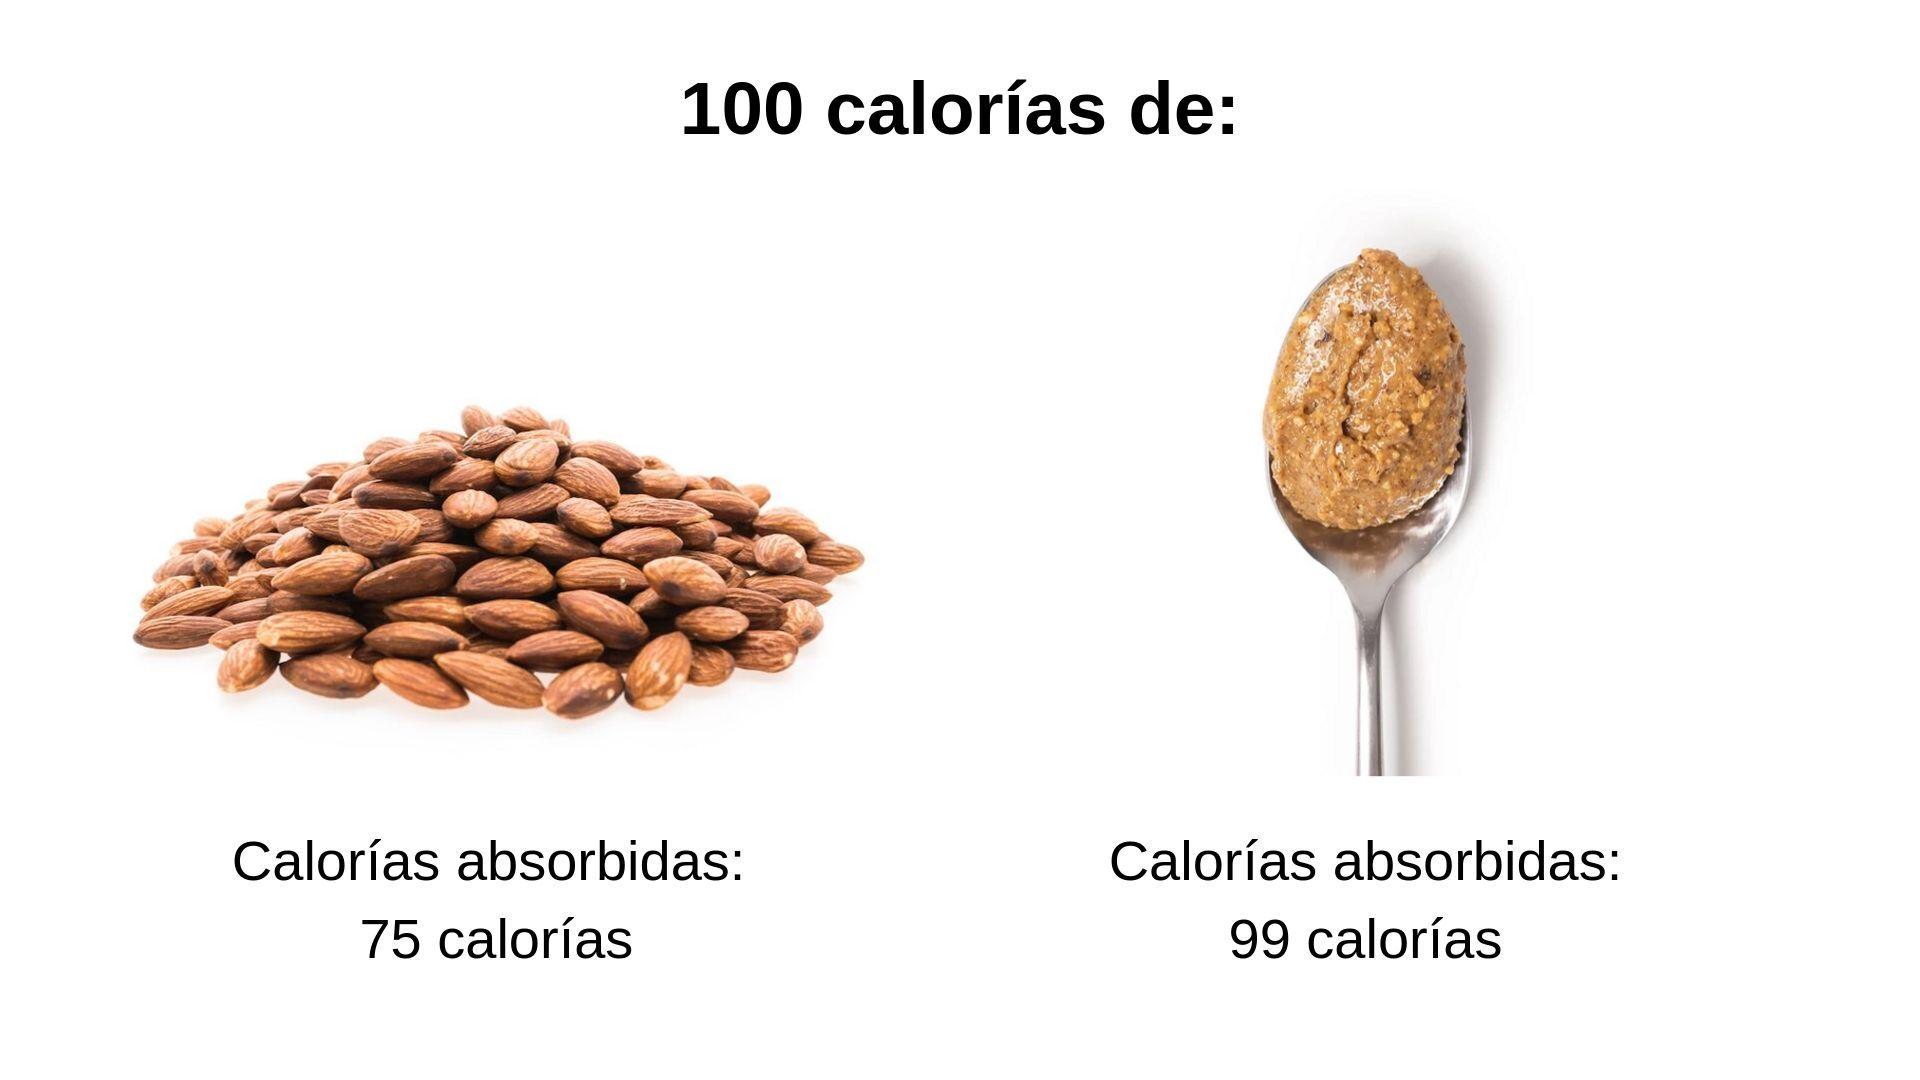 calorías de almendras y crema de almendra